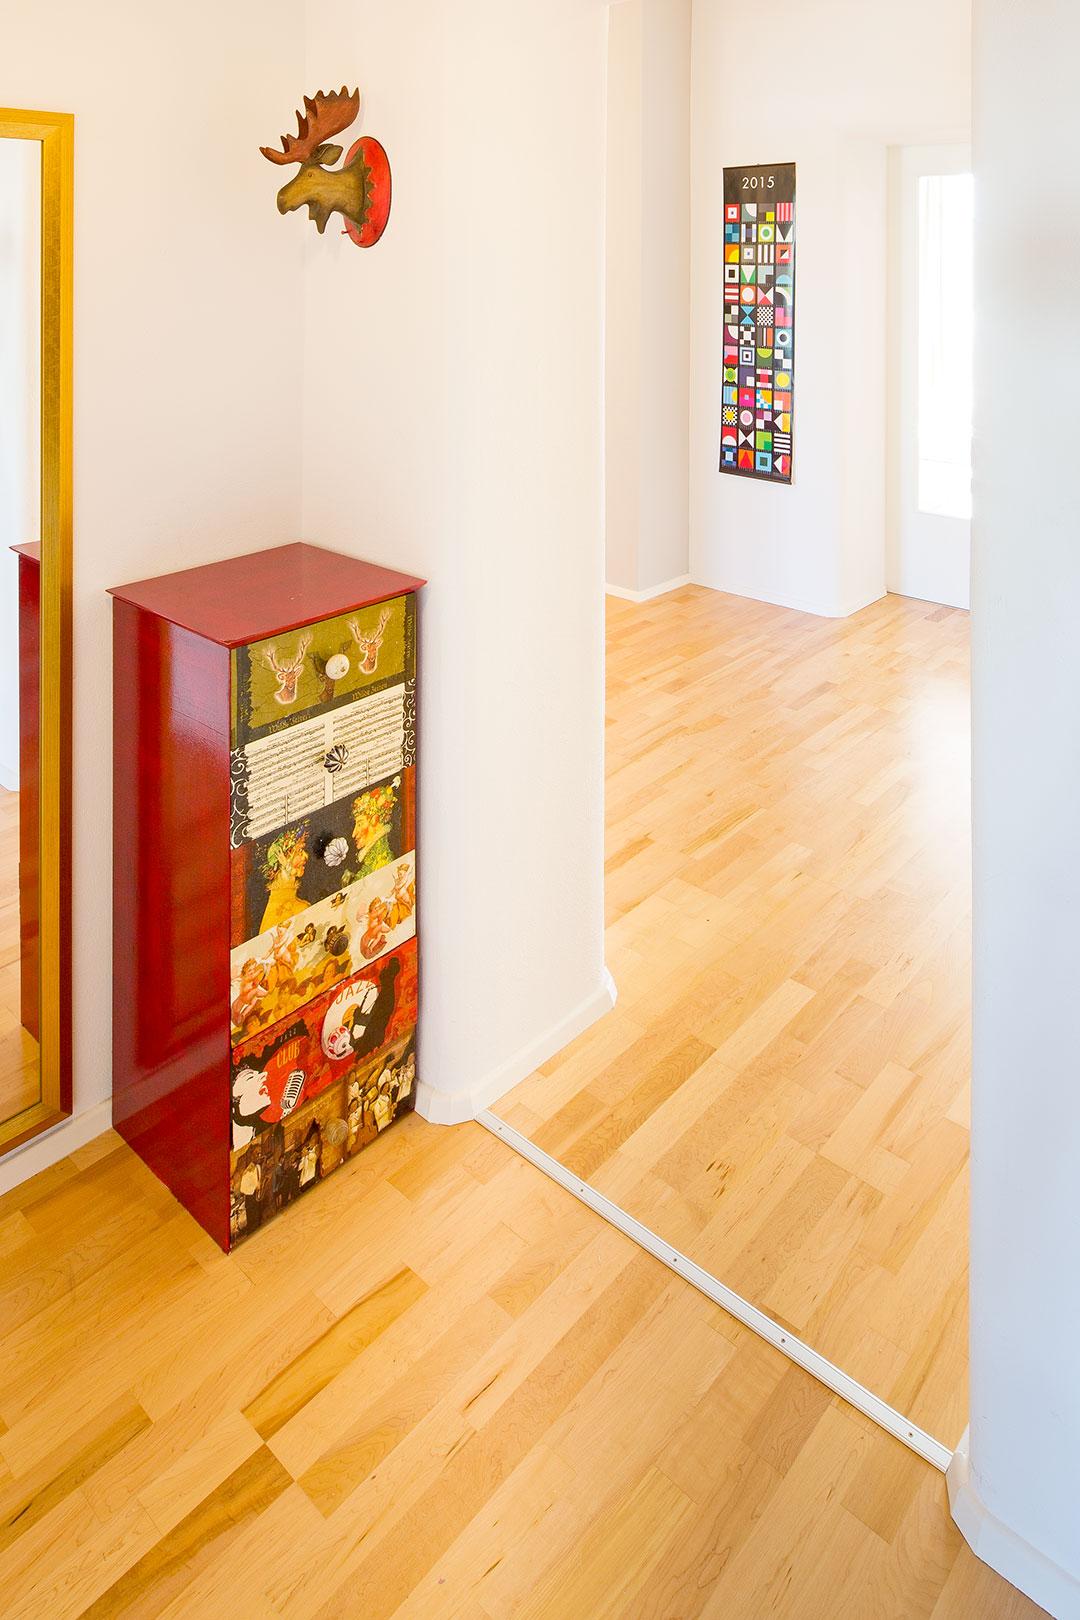 Architekturfotografie, Innenarchitektur: Räume Teilansicht | Foto: Dieter Eikenberg, imprints